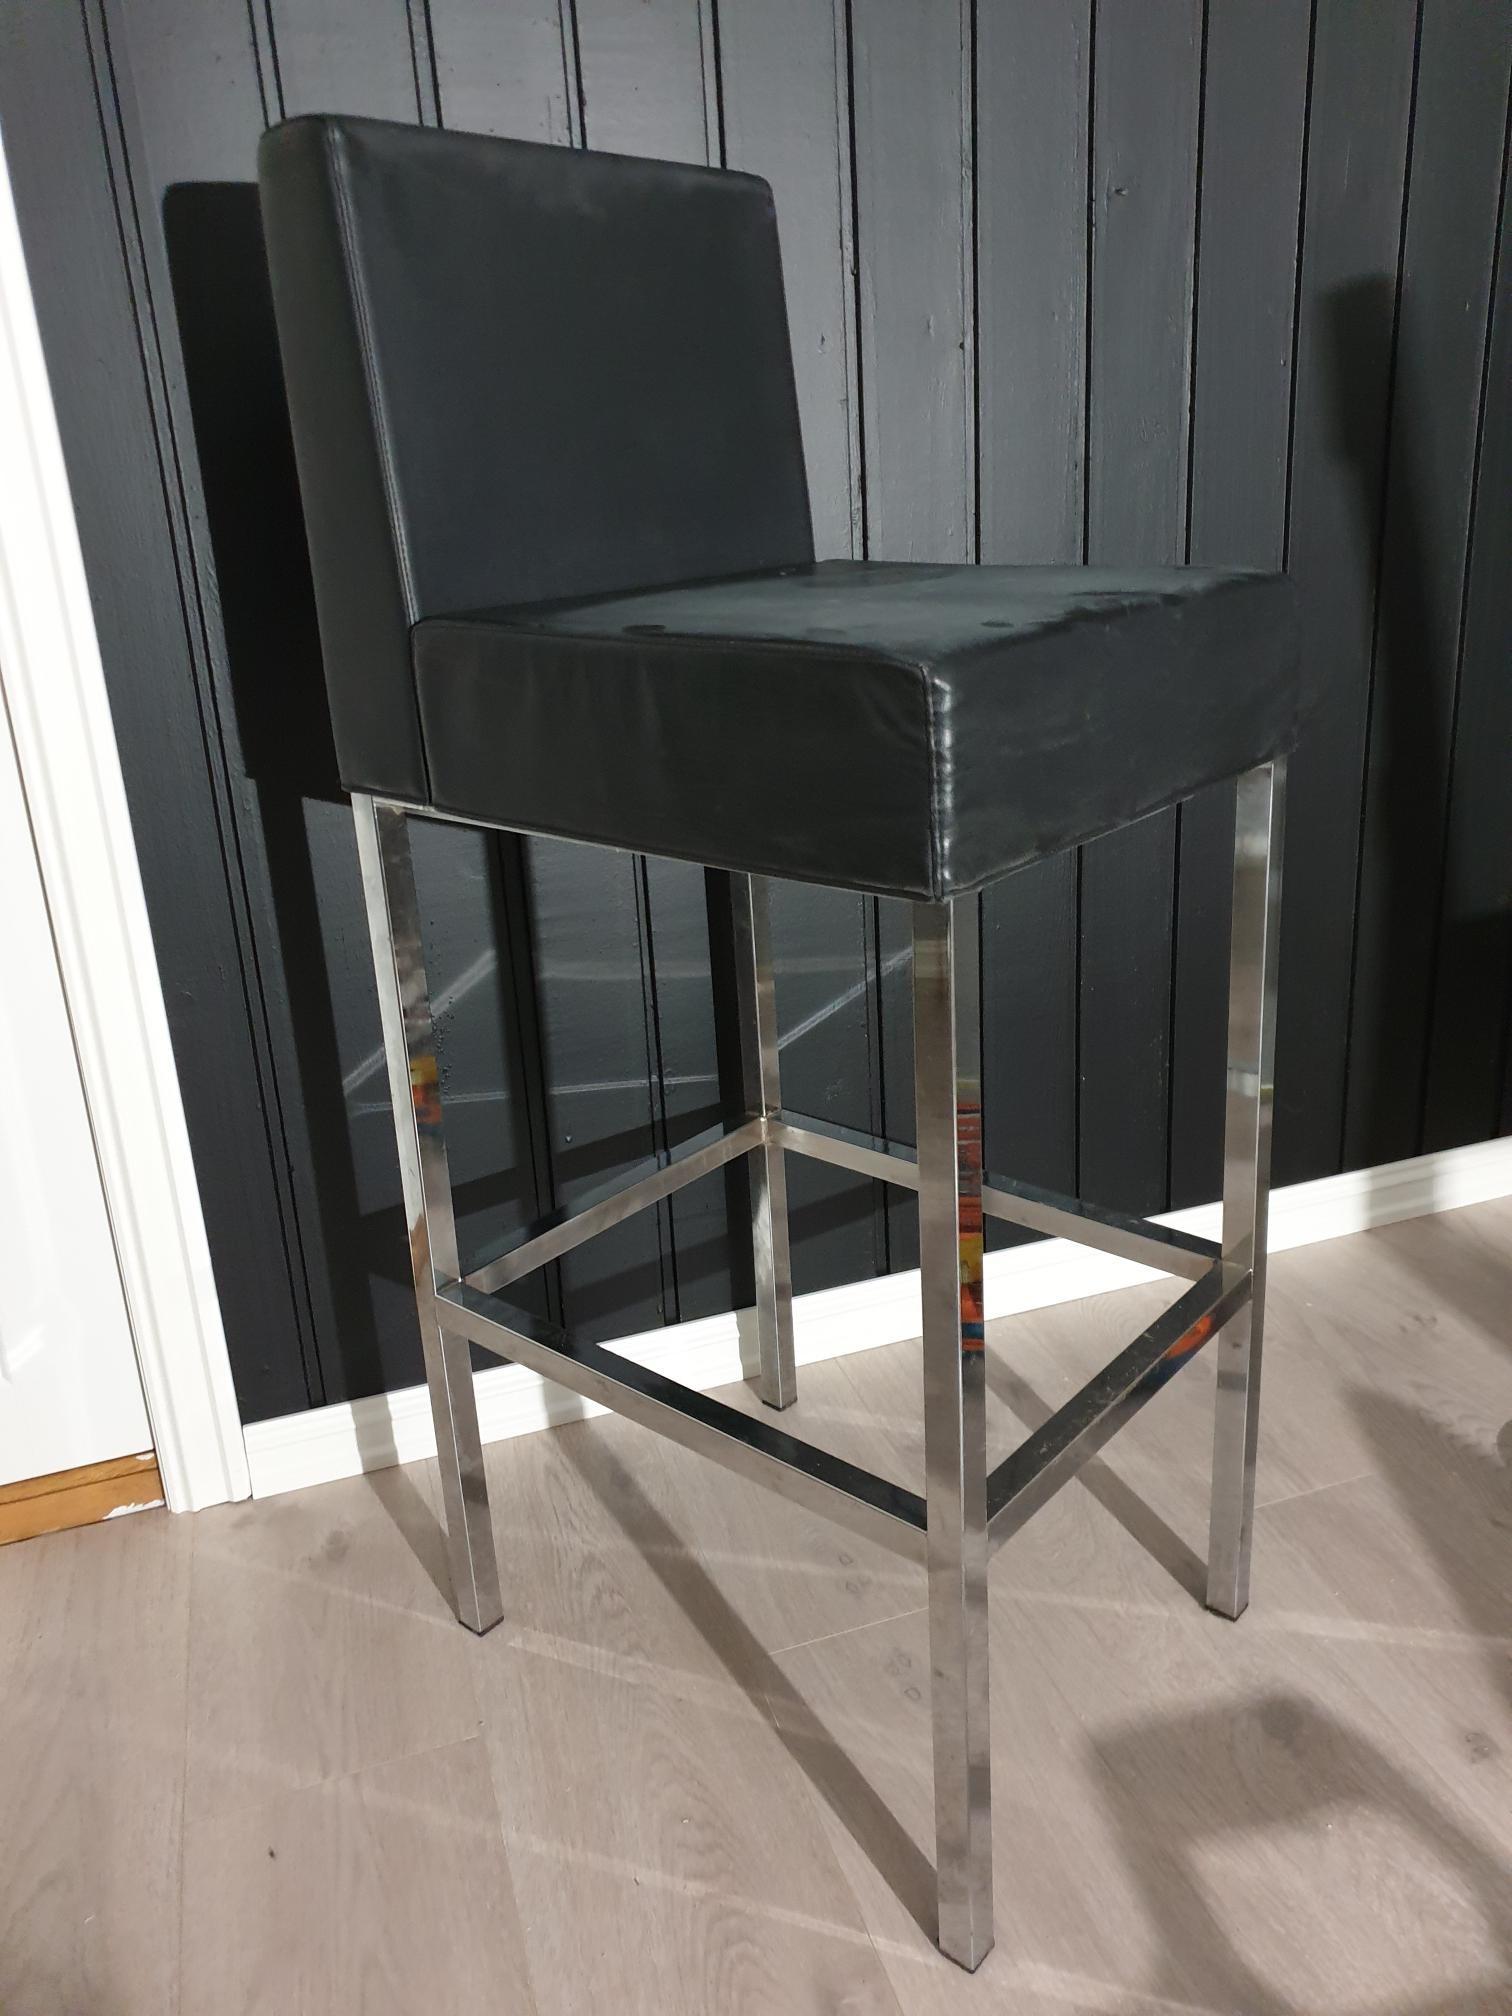 2 barstolar från Mio möbler, 300 krst | FINN.no